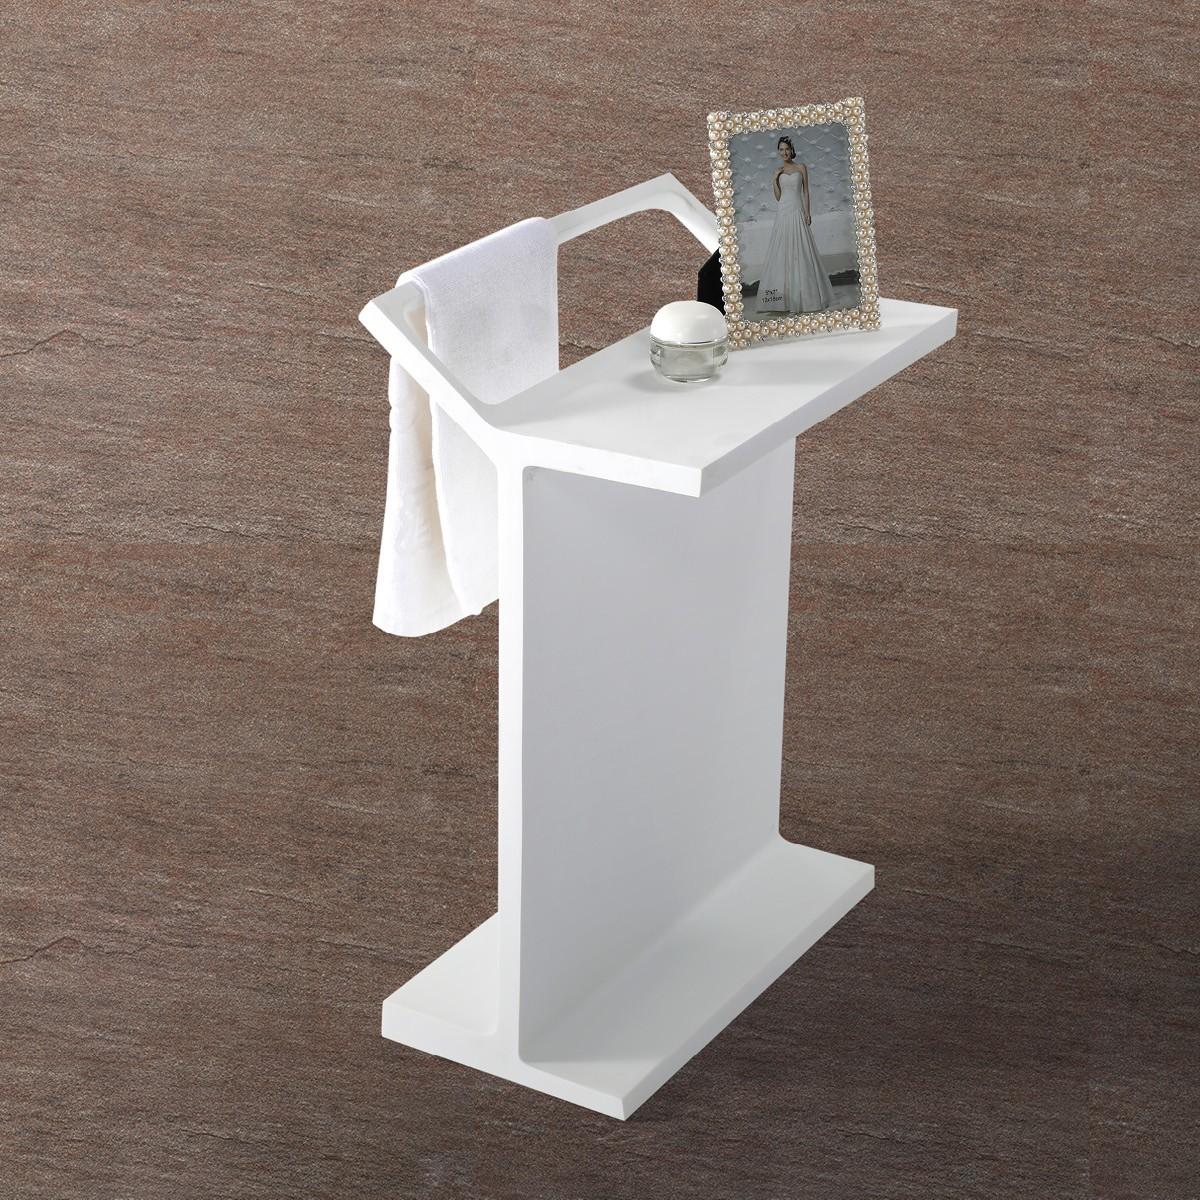 Handtuchhalter handtuchst nder freistehend badablage aus mineralguss badewelt badaccessoires - Handtuchhalter freistehend ...